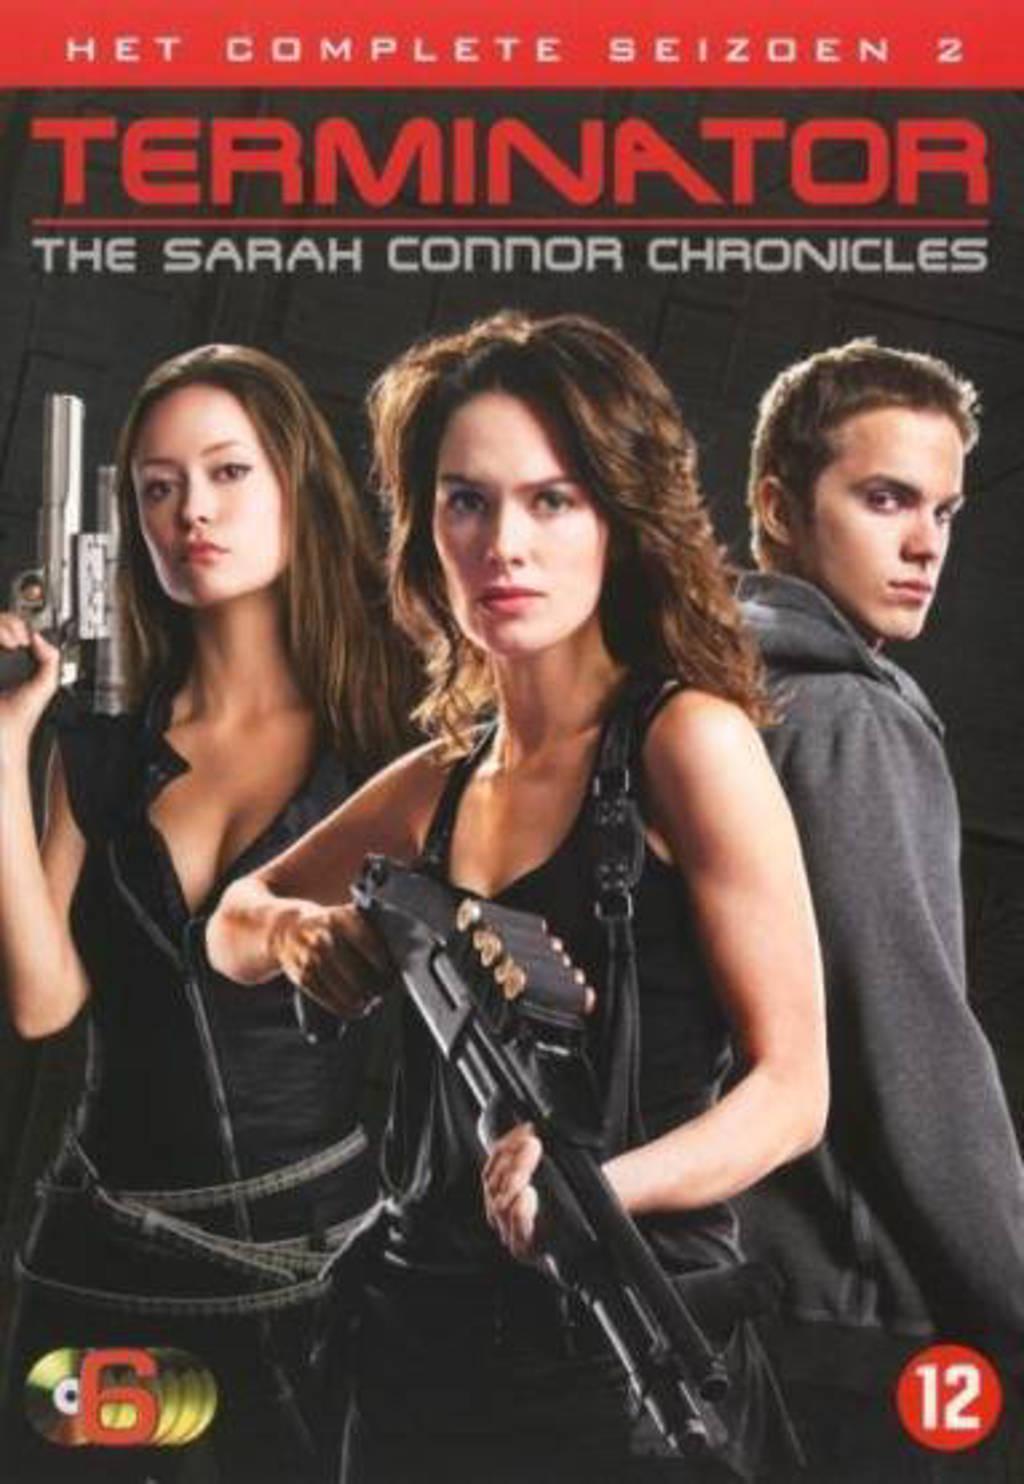 Terminator the Sarah Connor chronicles - Seizoen 2 (DVD)